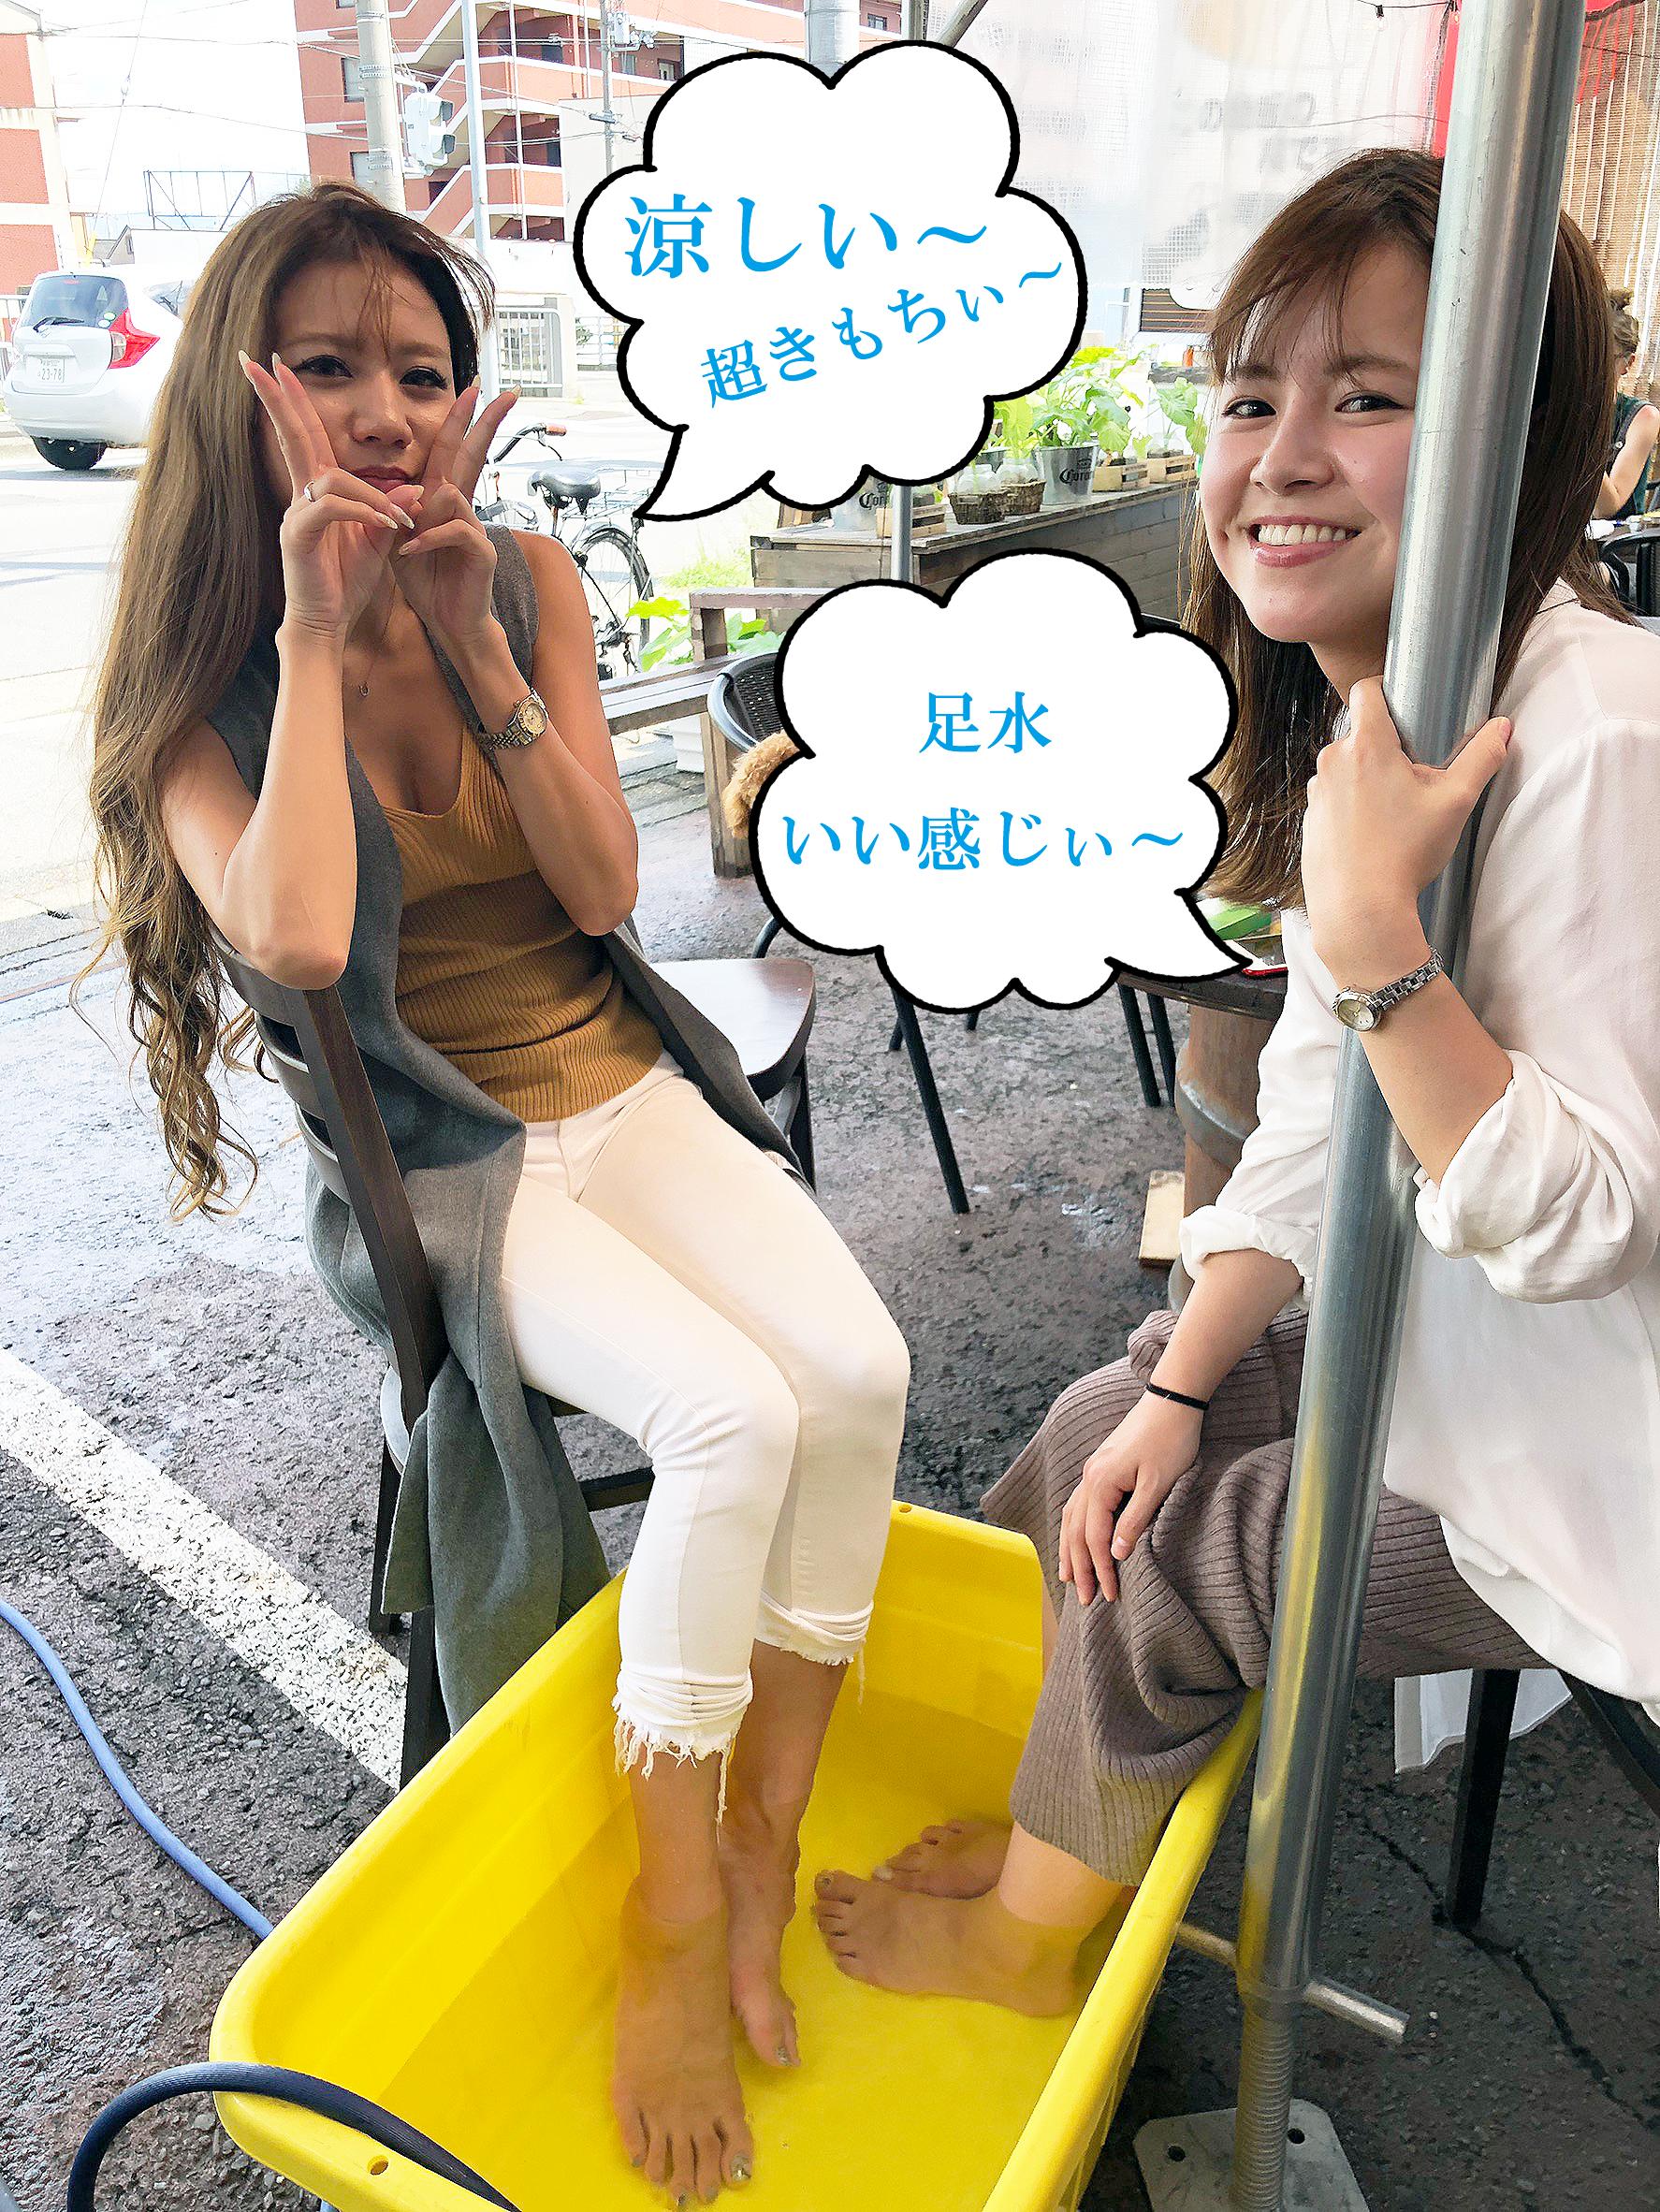 水ba(ミズバ)京都39カフェ-プール付きカフェがお子様に大人気!